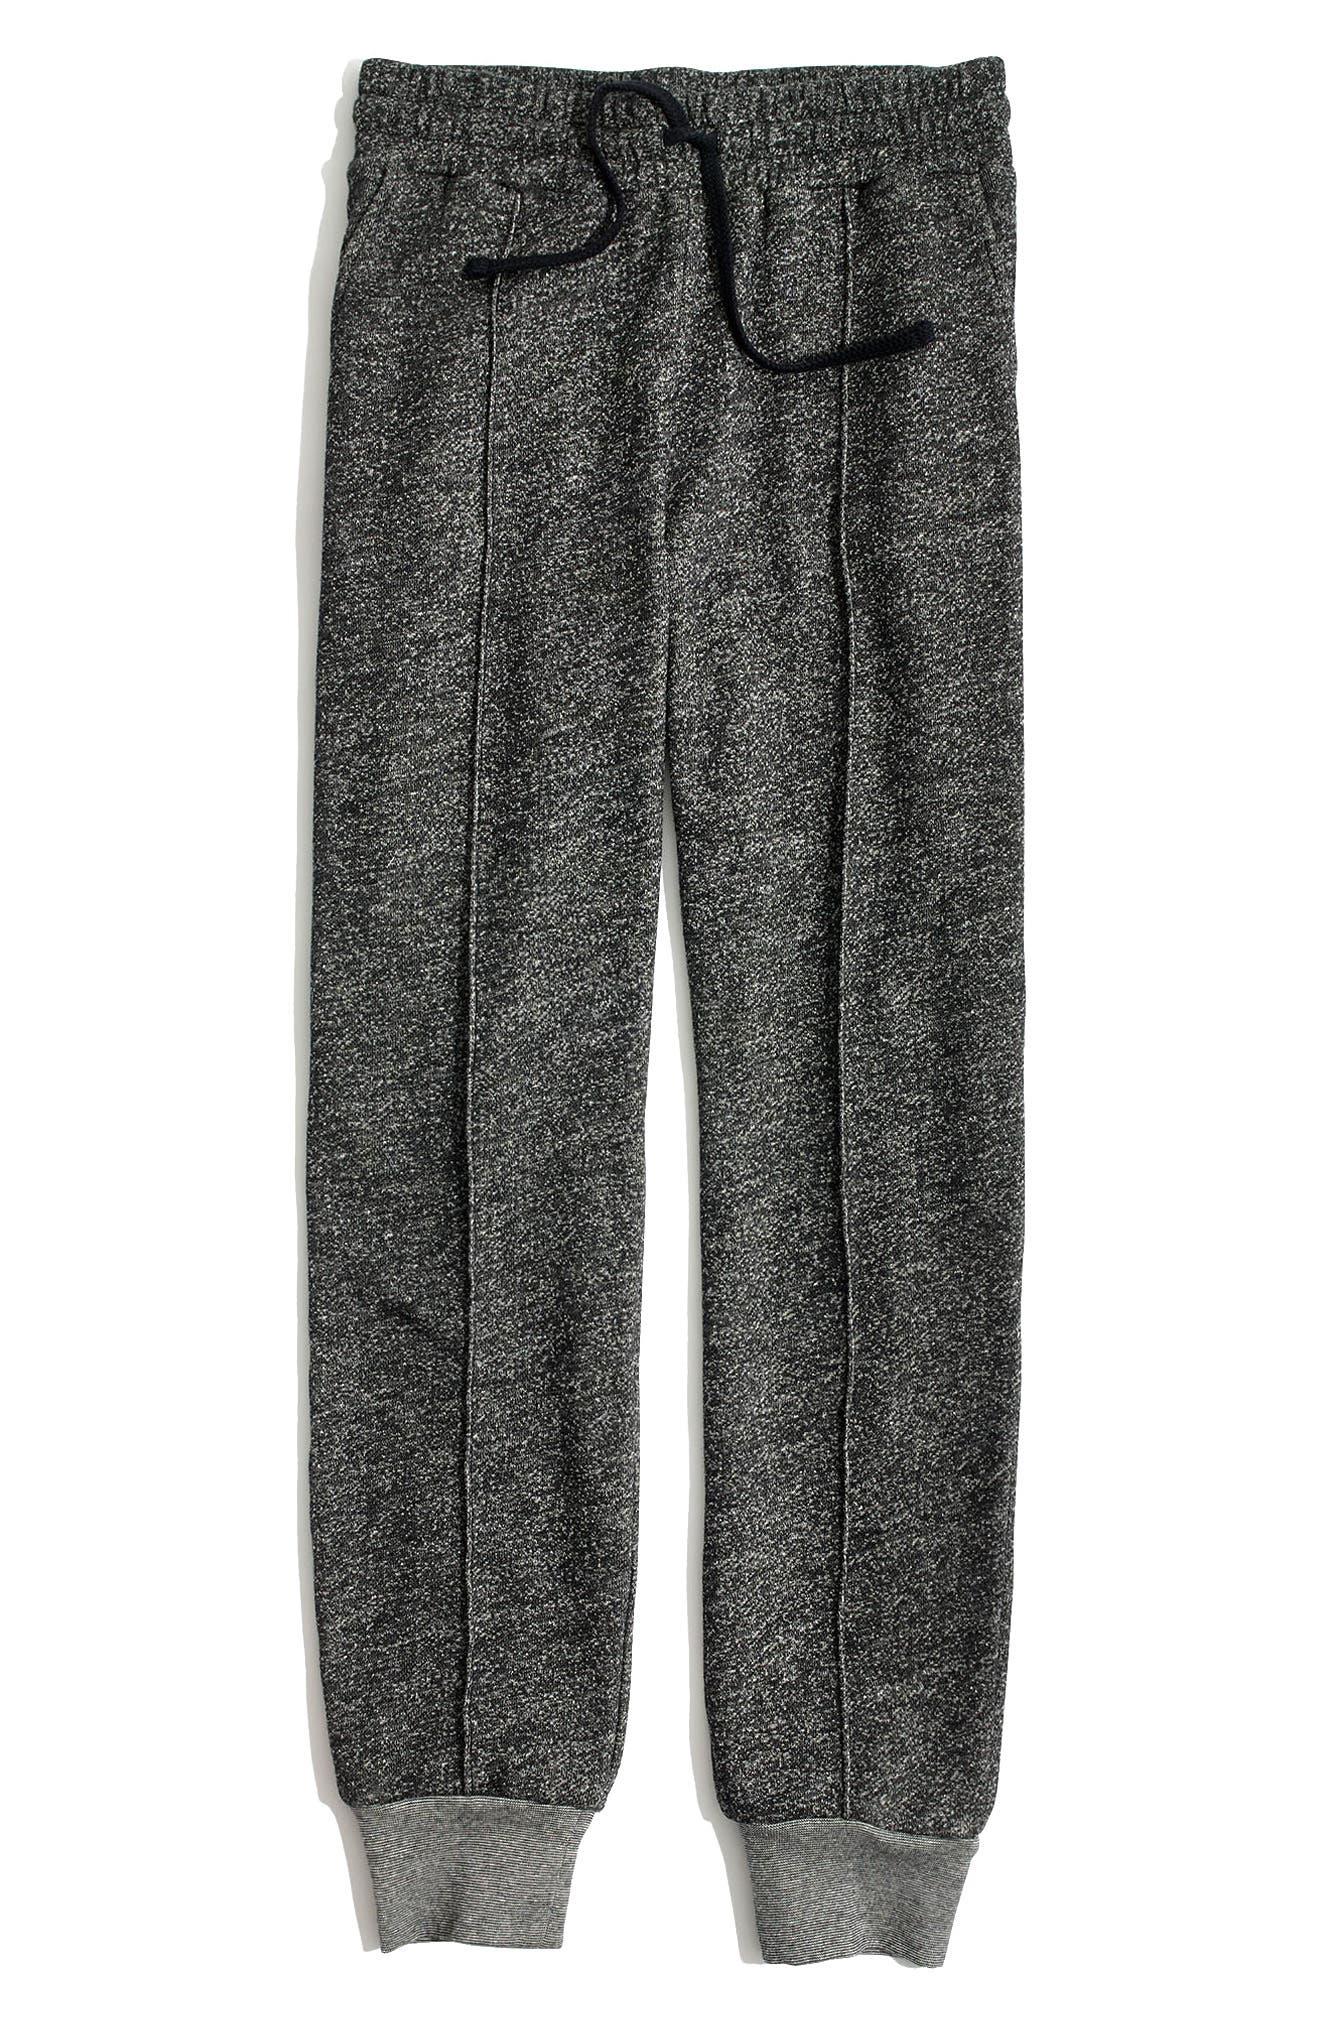 Pintuck Slim Fit Sweatpants,                             Main thumbnail 1, color,                             300